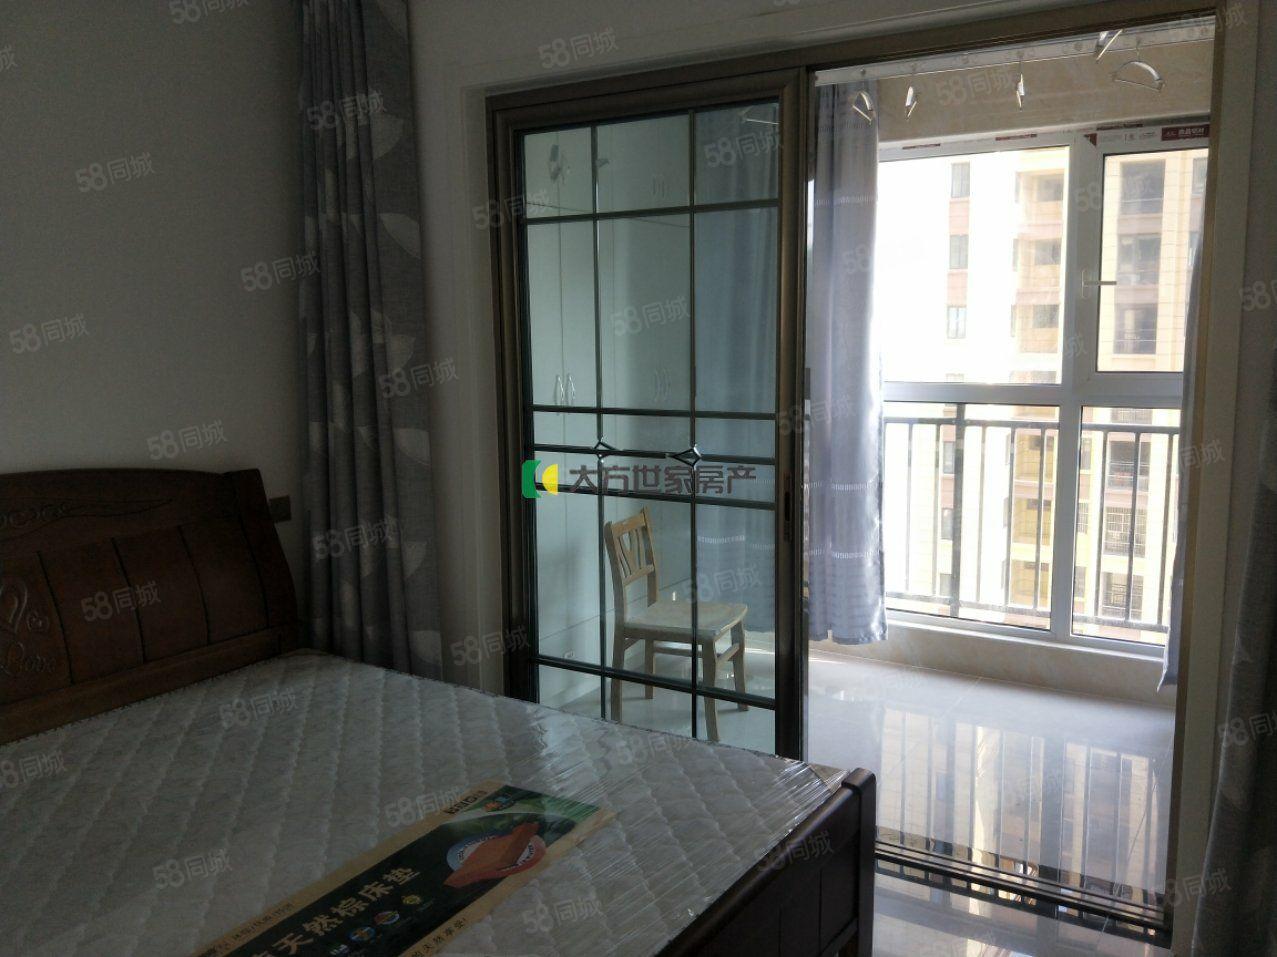 龙汇学源居两室一厅精装拎包入住家具家电齐全1100/月